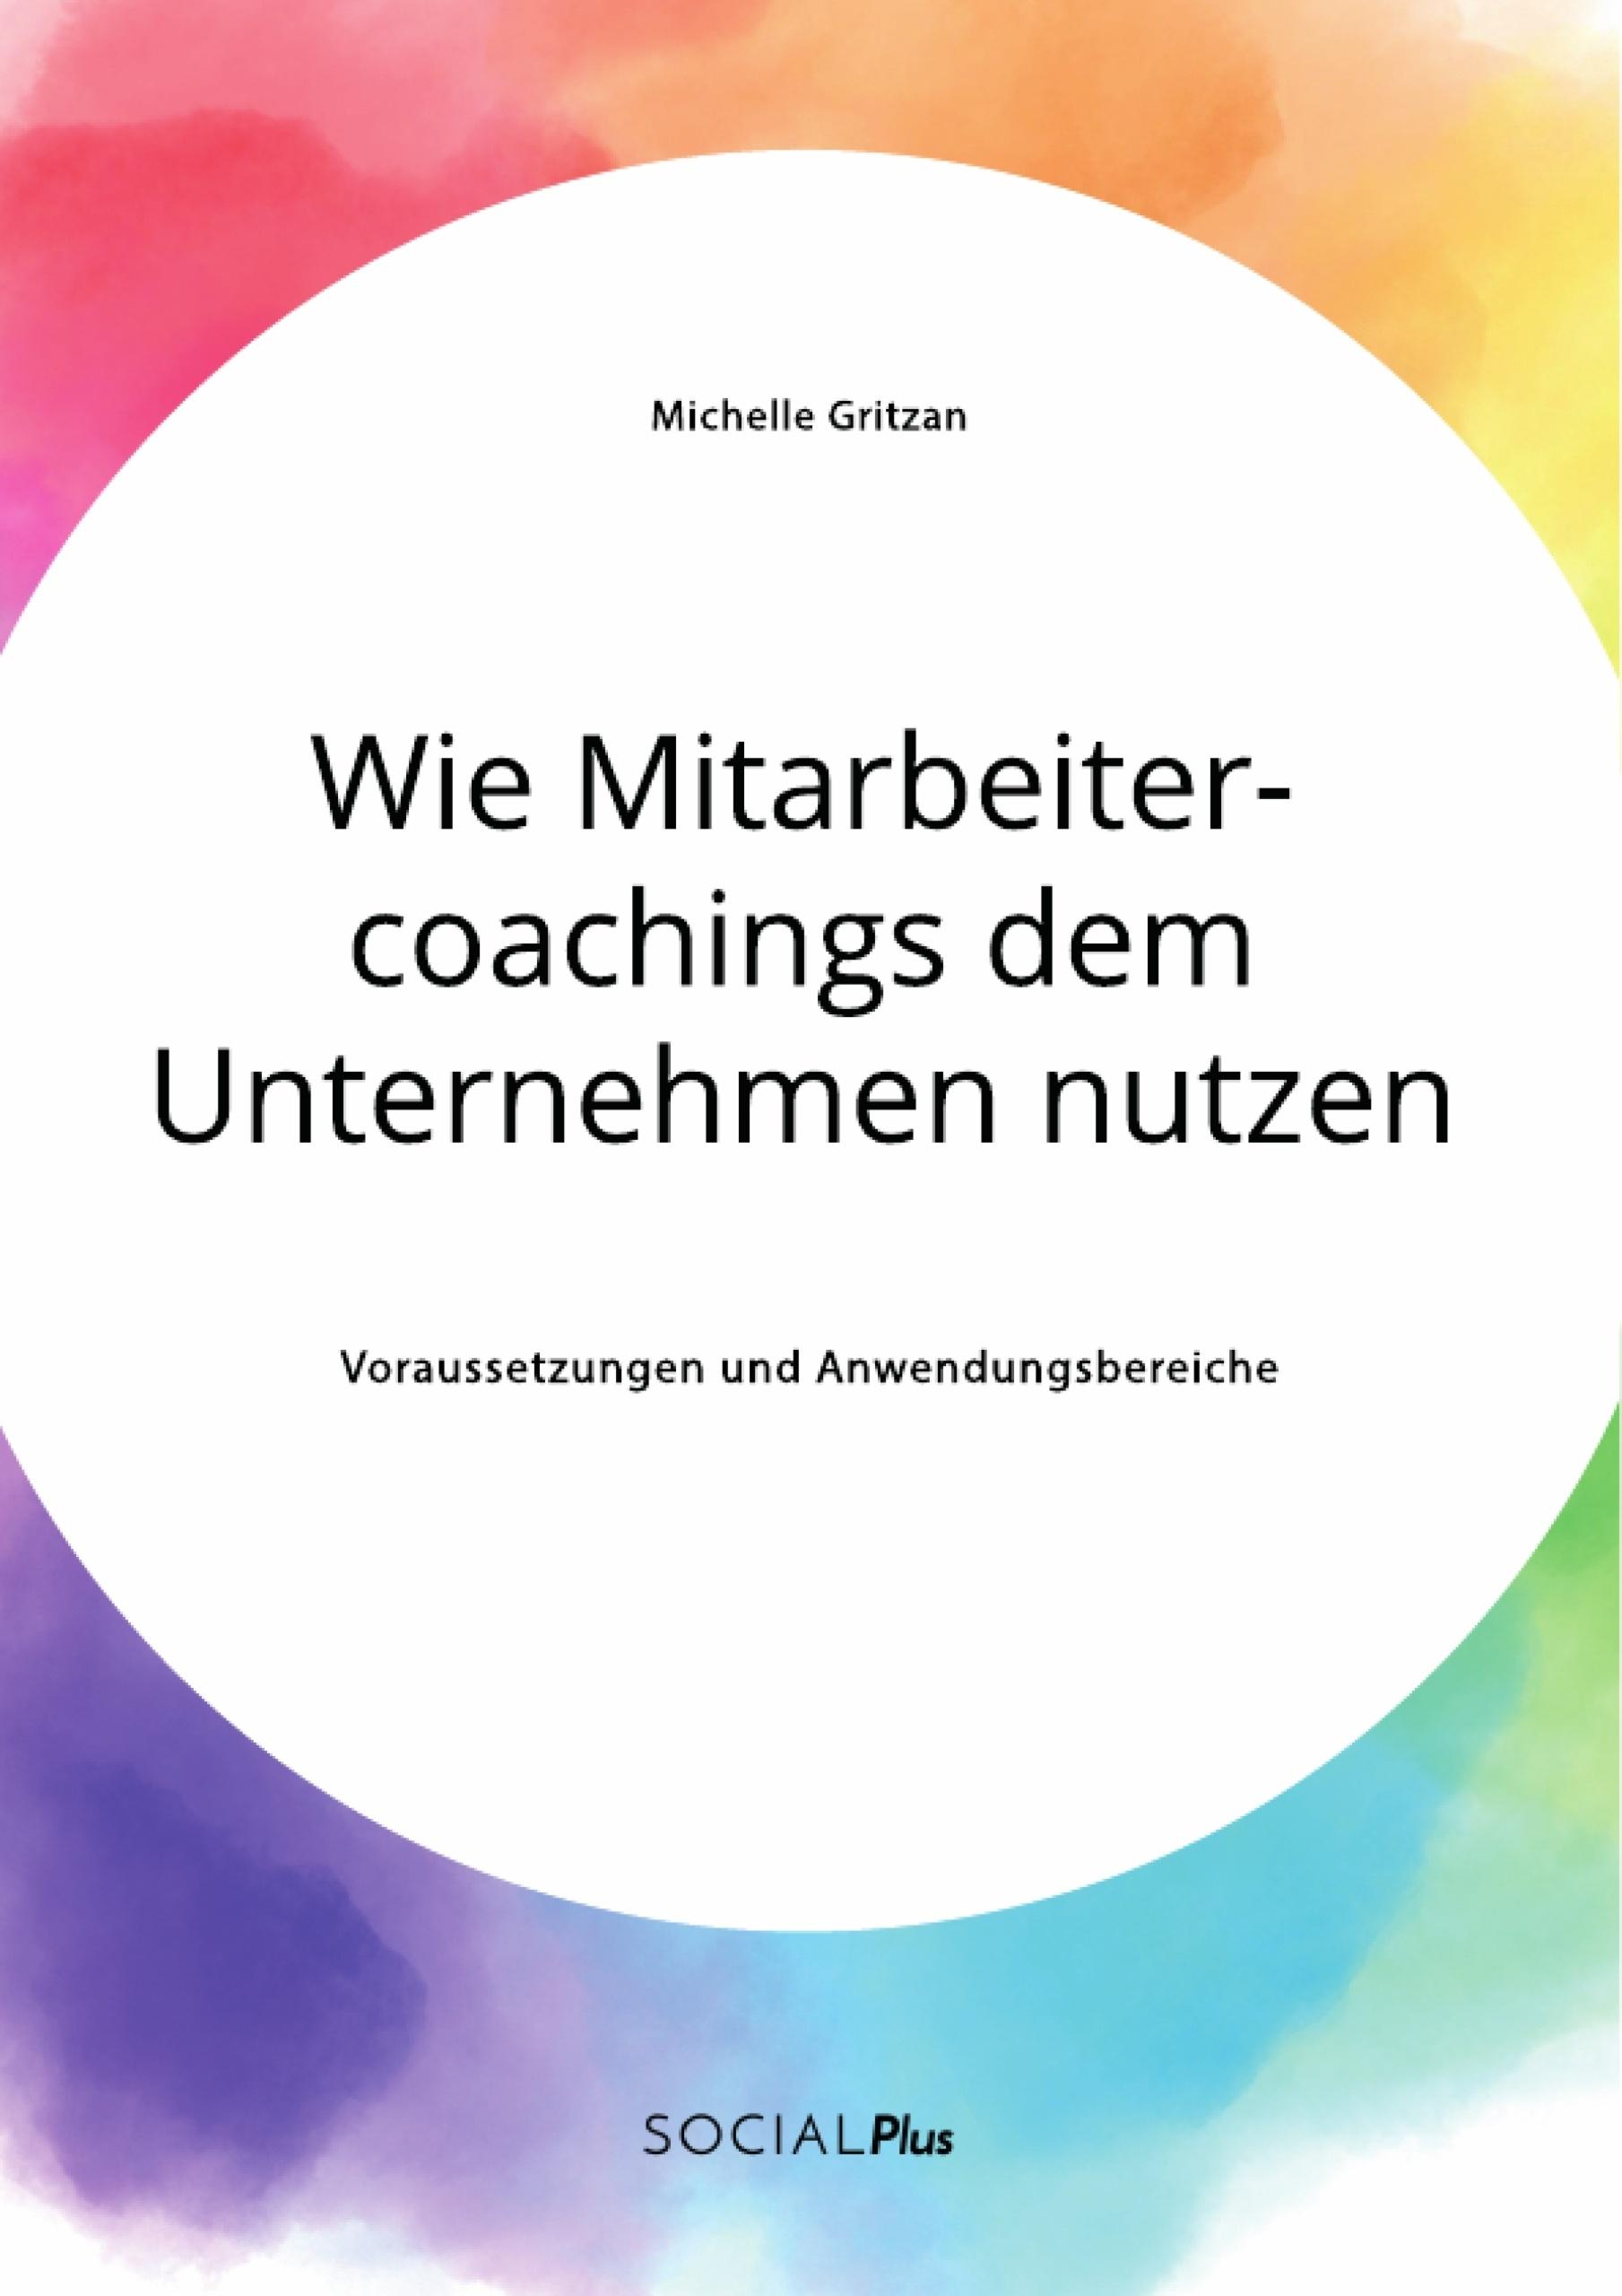 Titel: Wie Mitarbeitercoachings dem Unternehmen nutzen. Voraussetzungen und Anwendungsbereiche